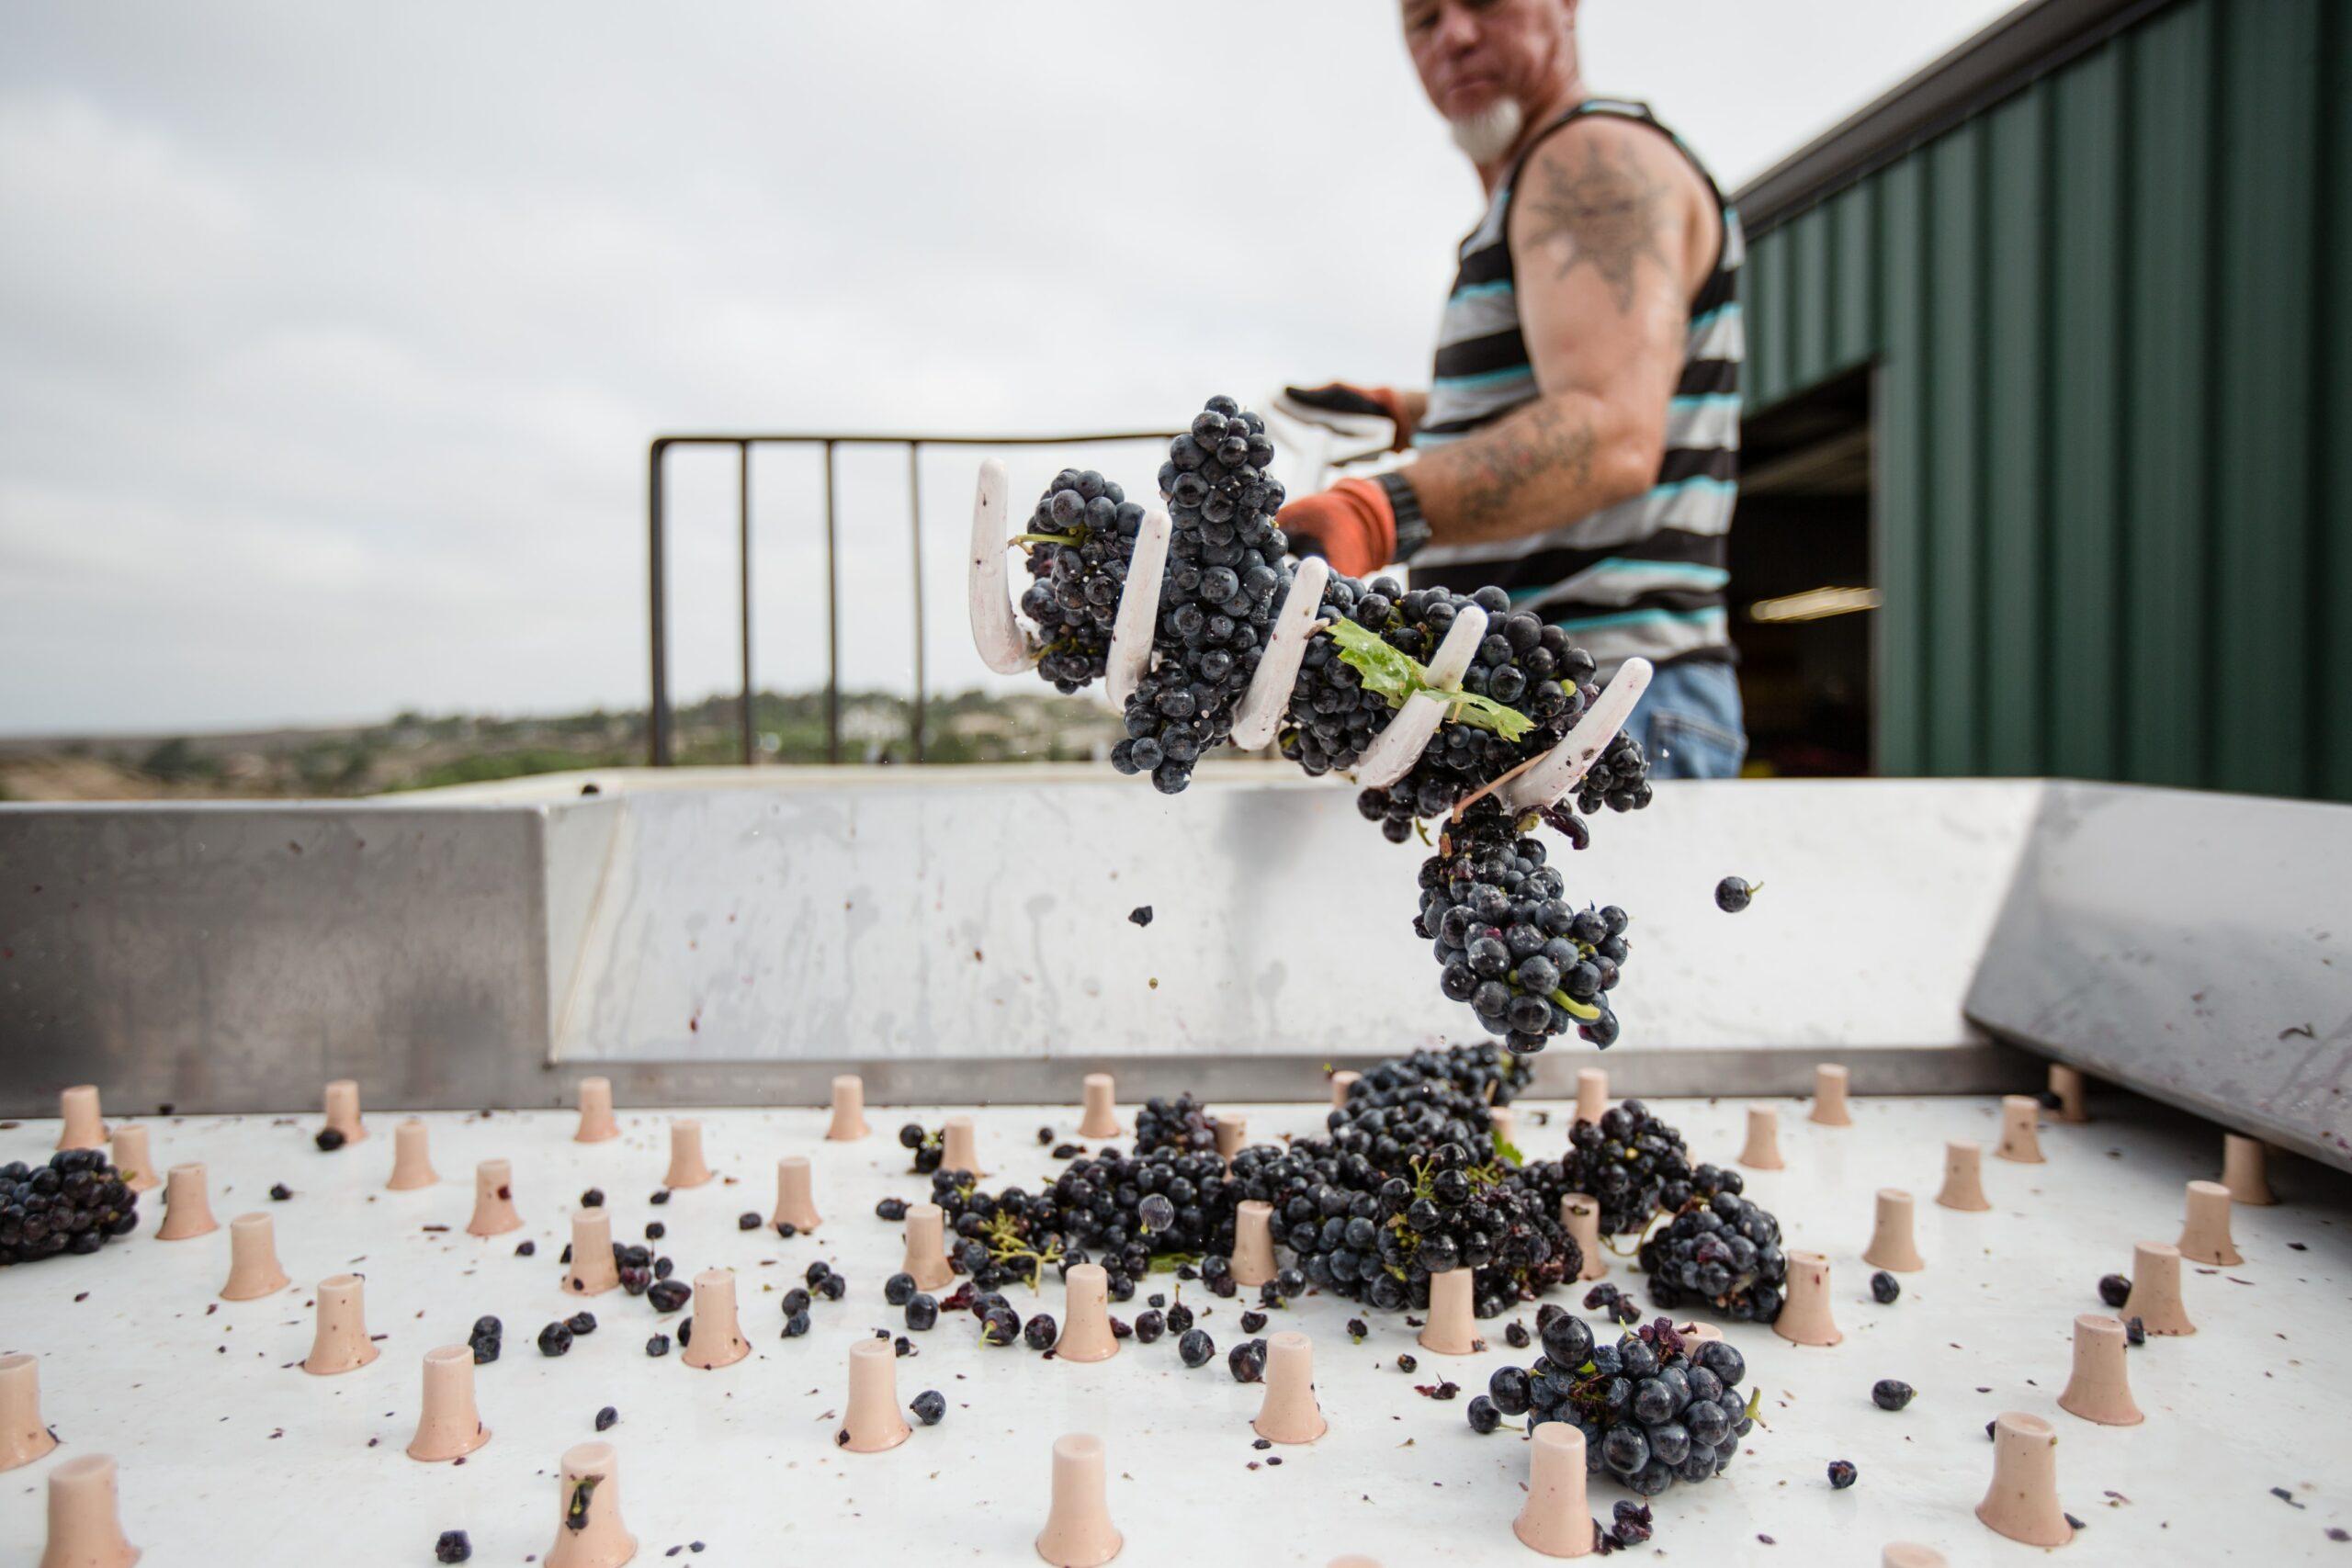 Weingartenarbeit Traubenarbeit